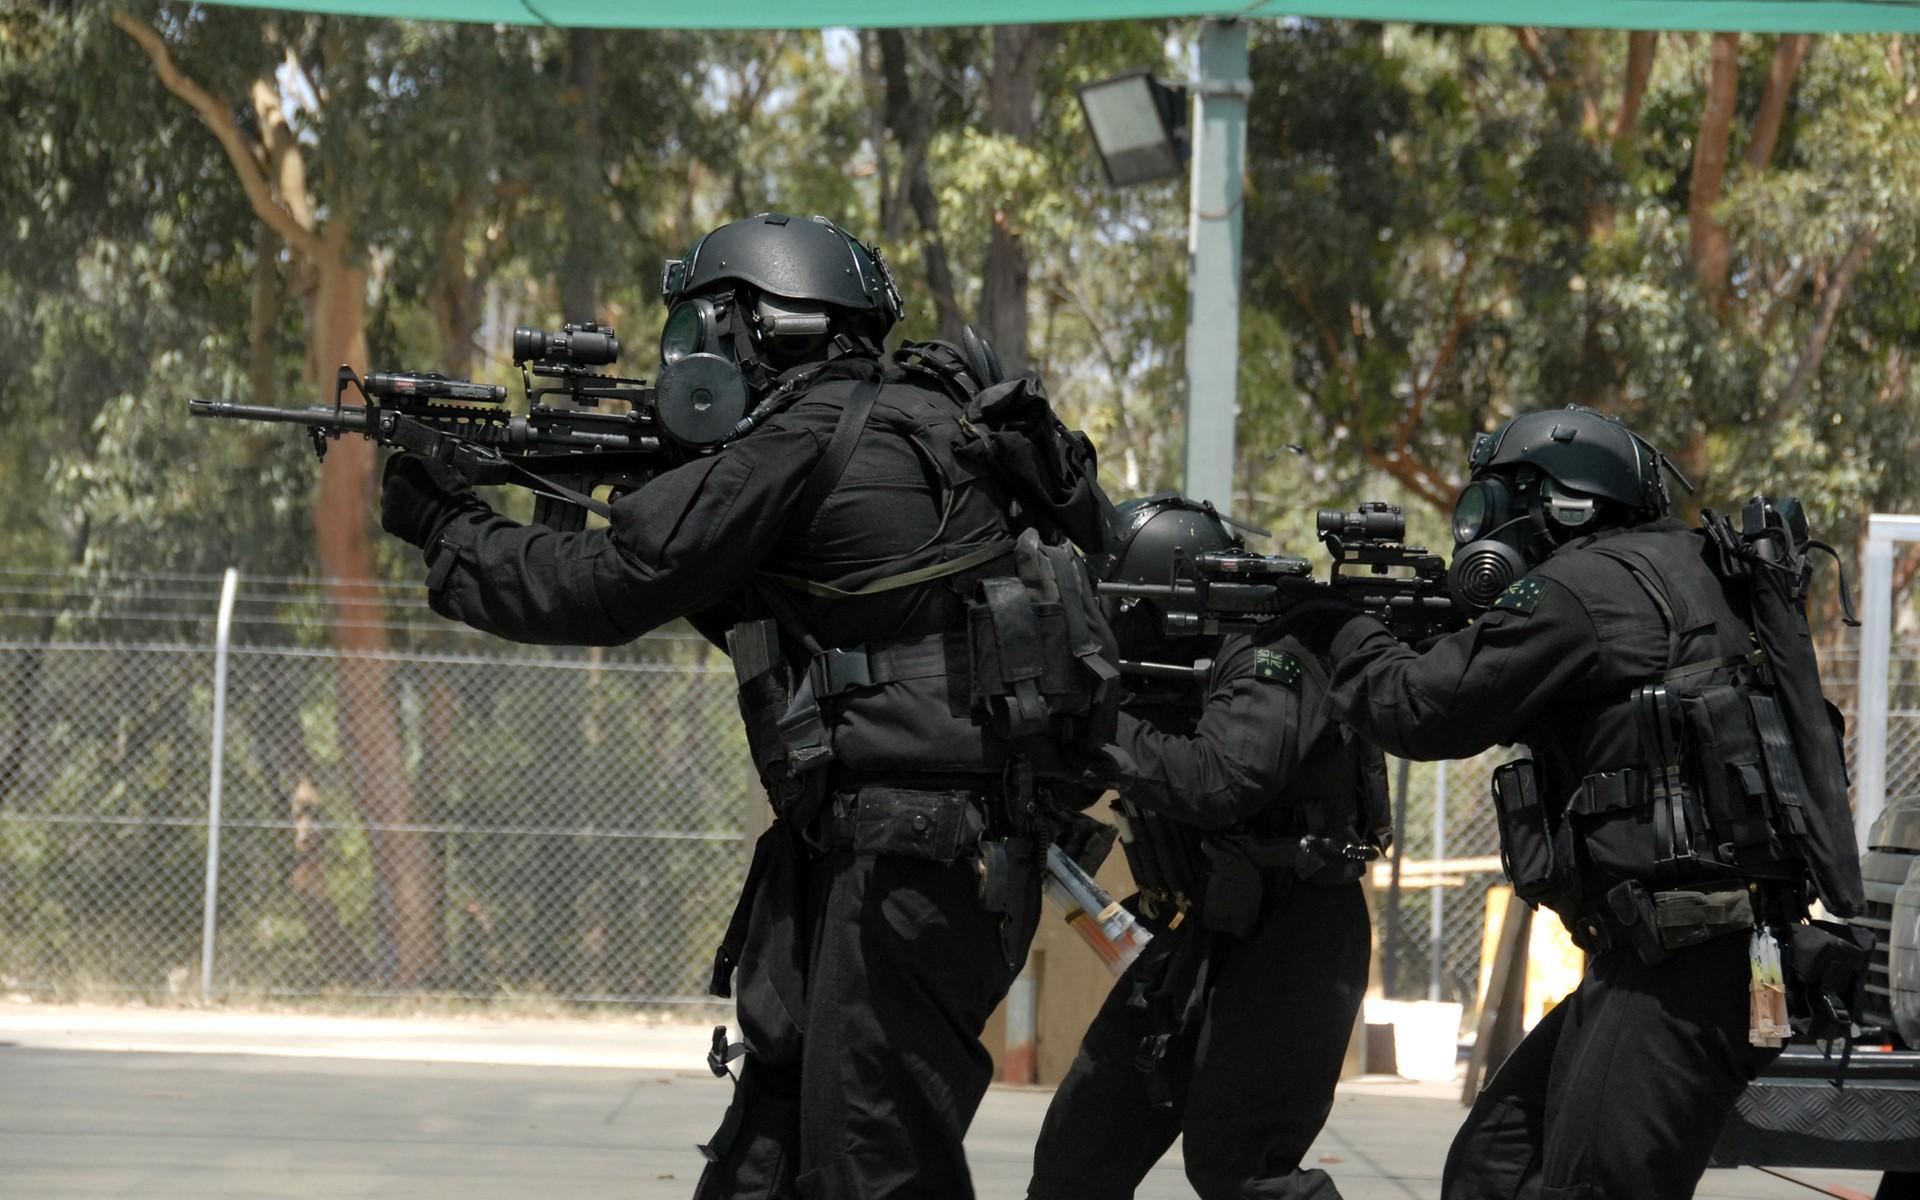 Army SWAT Wallpaper 1920x1200 Army SWAT Australian Military 1920x1200